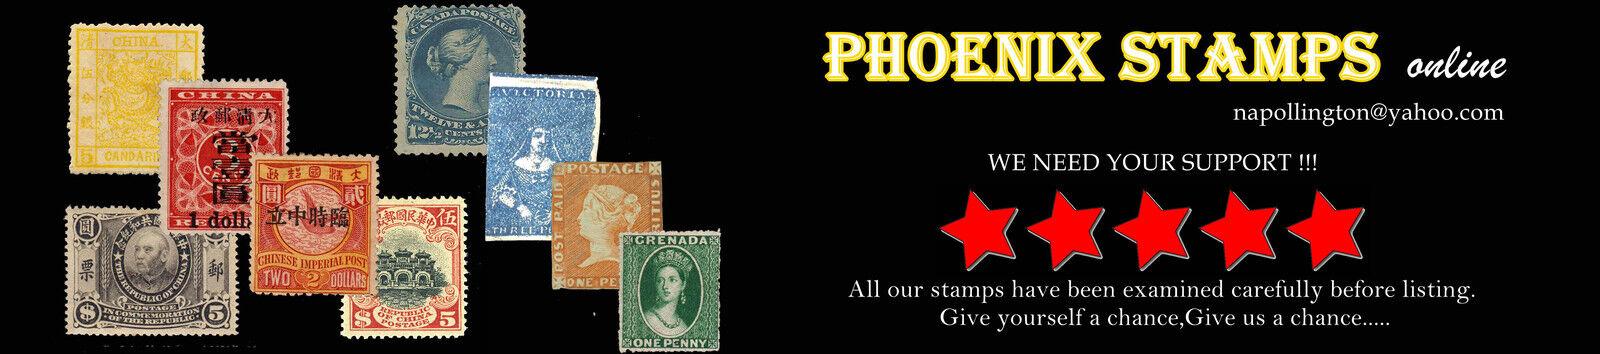 Phoenix Stamps online